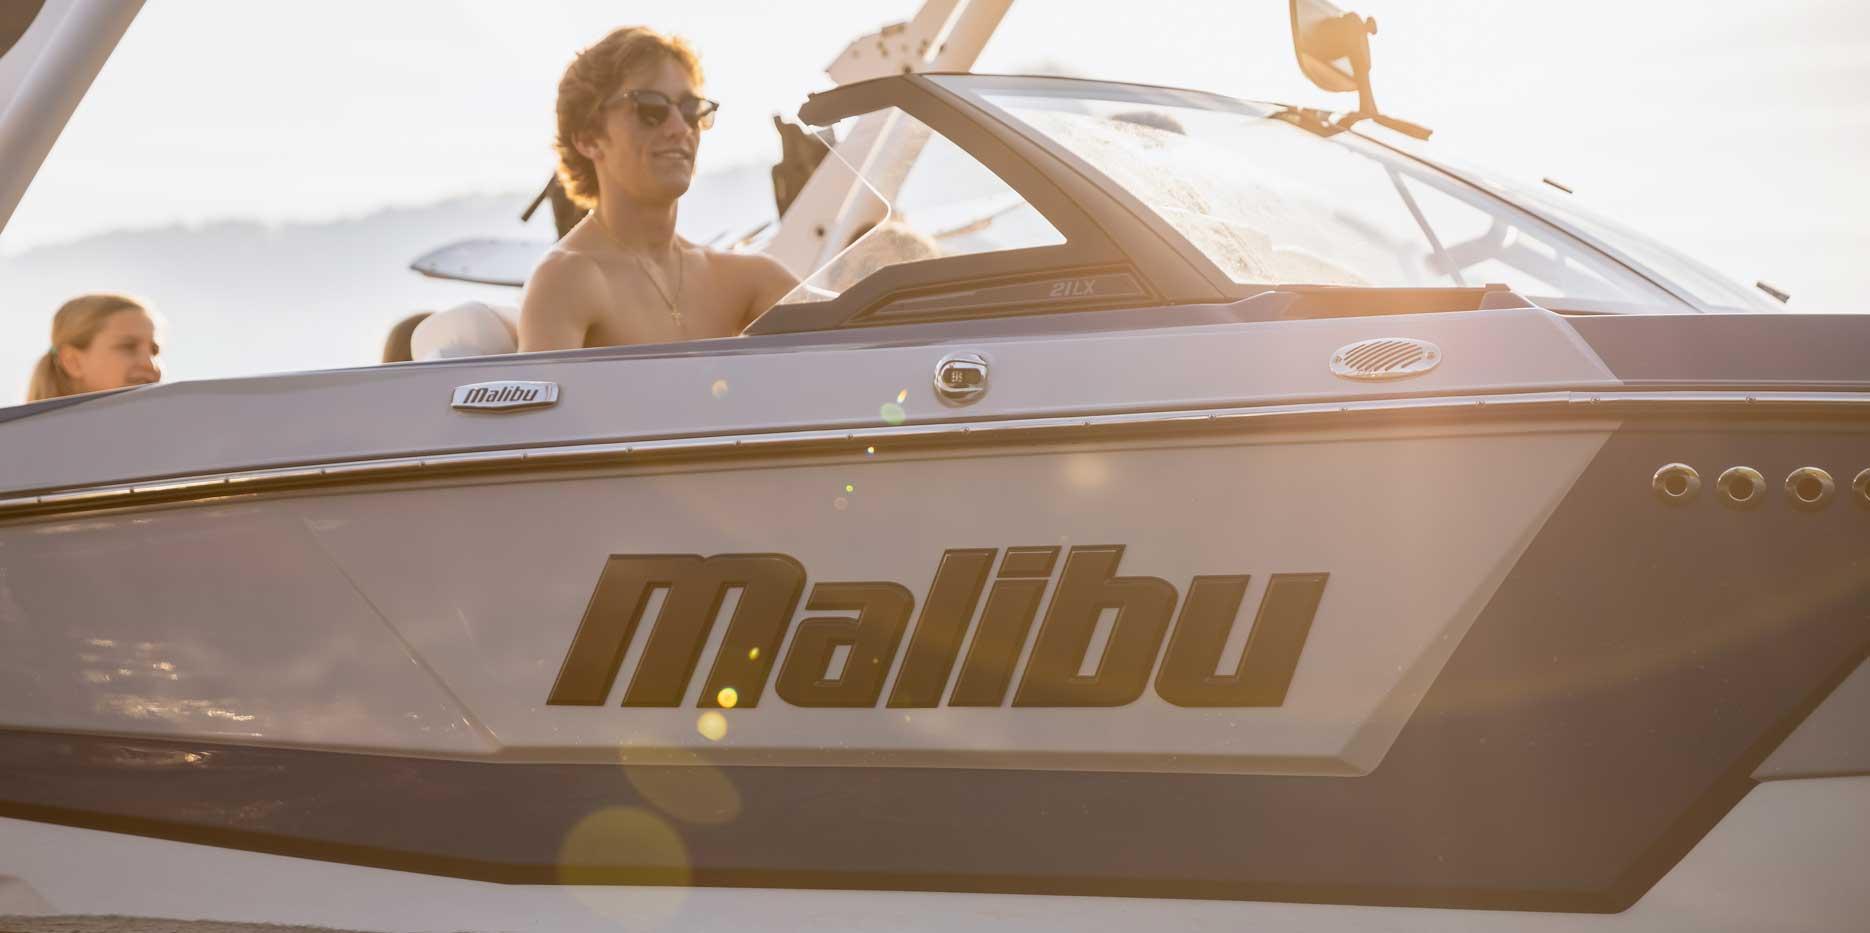 2022 Malibu Boats Wakesetter 21 LX Driving